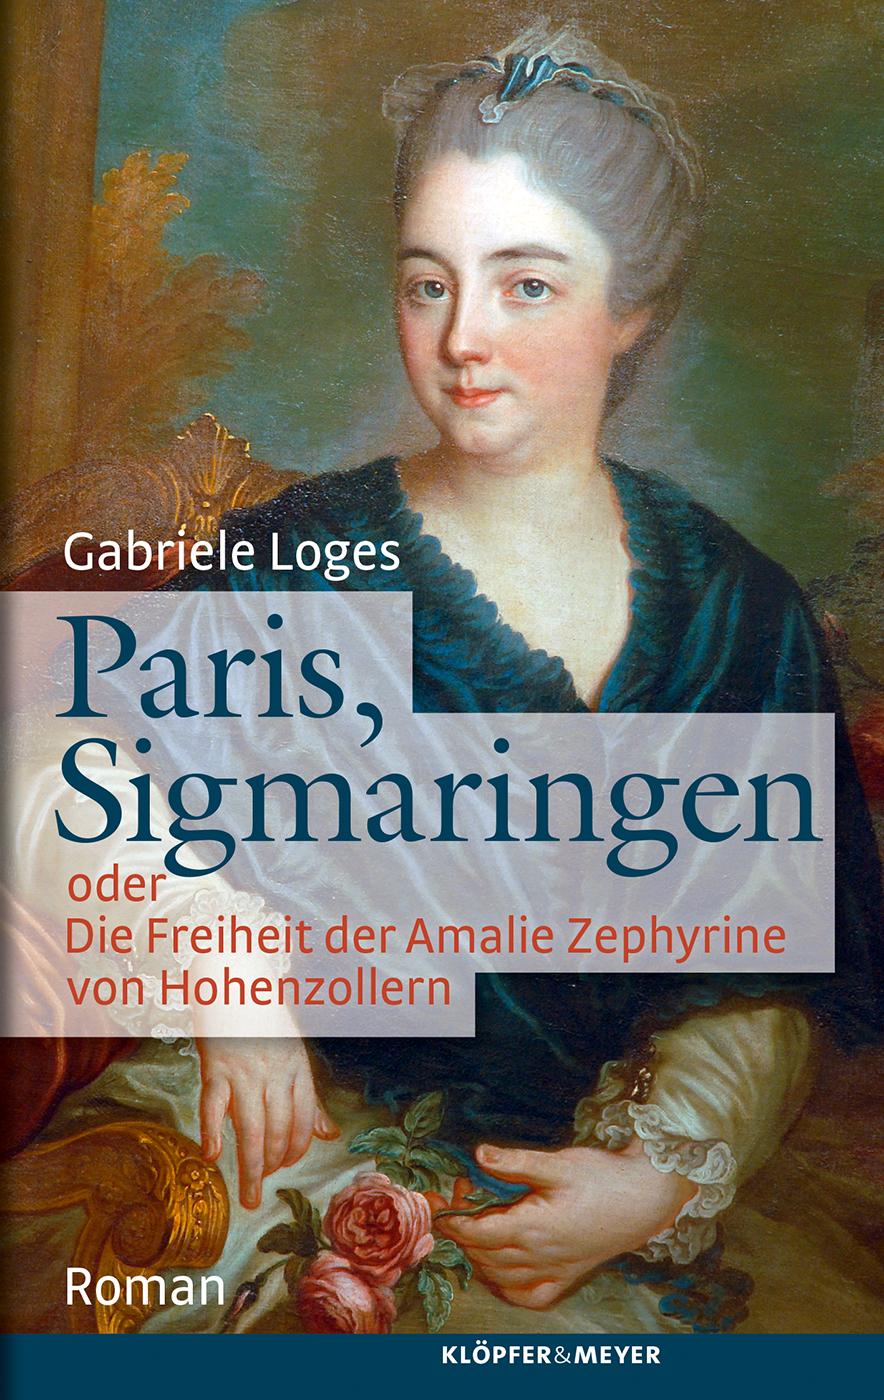 Paris, Sigmaringen oder Die Freiheit der Amalie Zephyrine von Hohenzollern (Gabriele Loges)